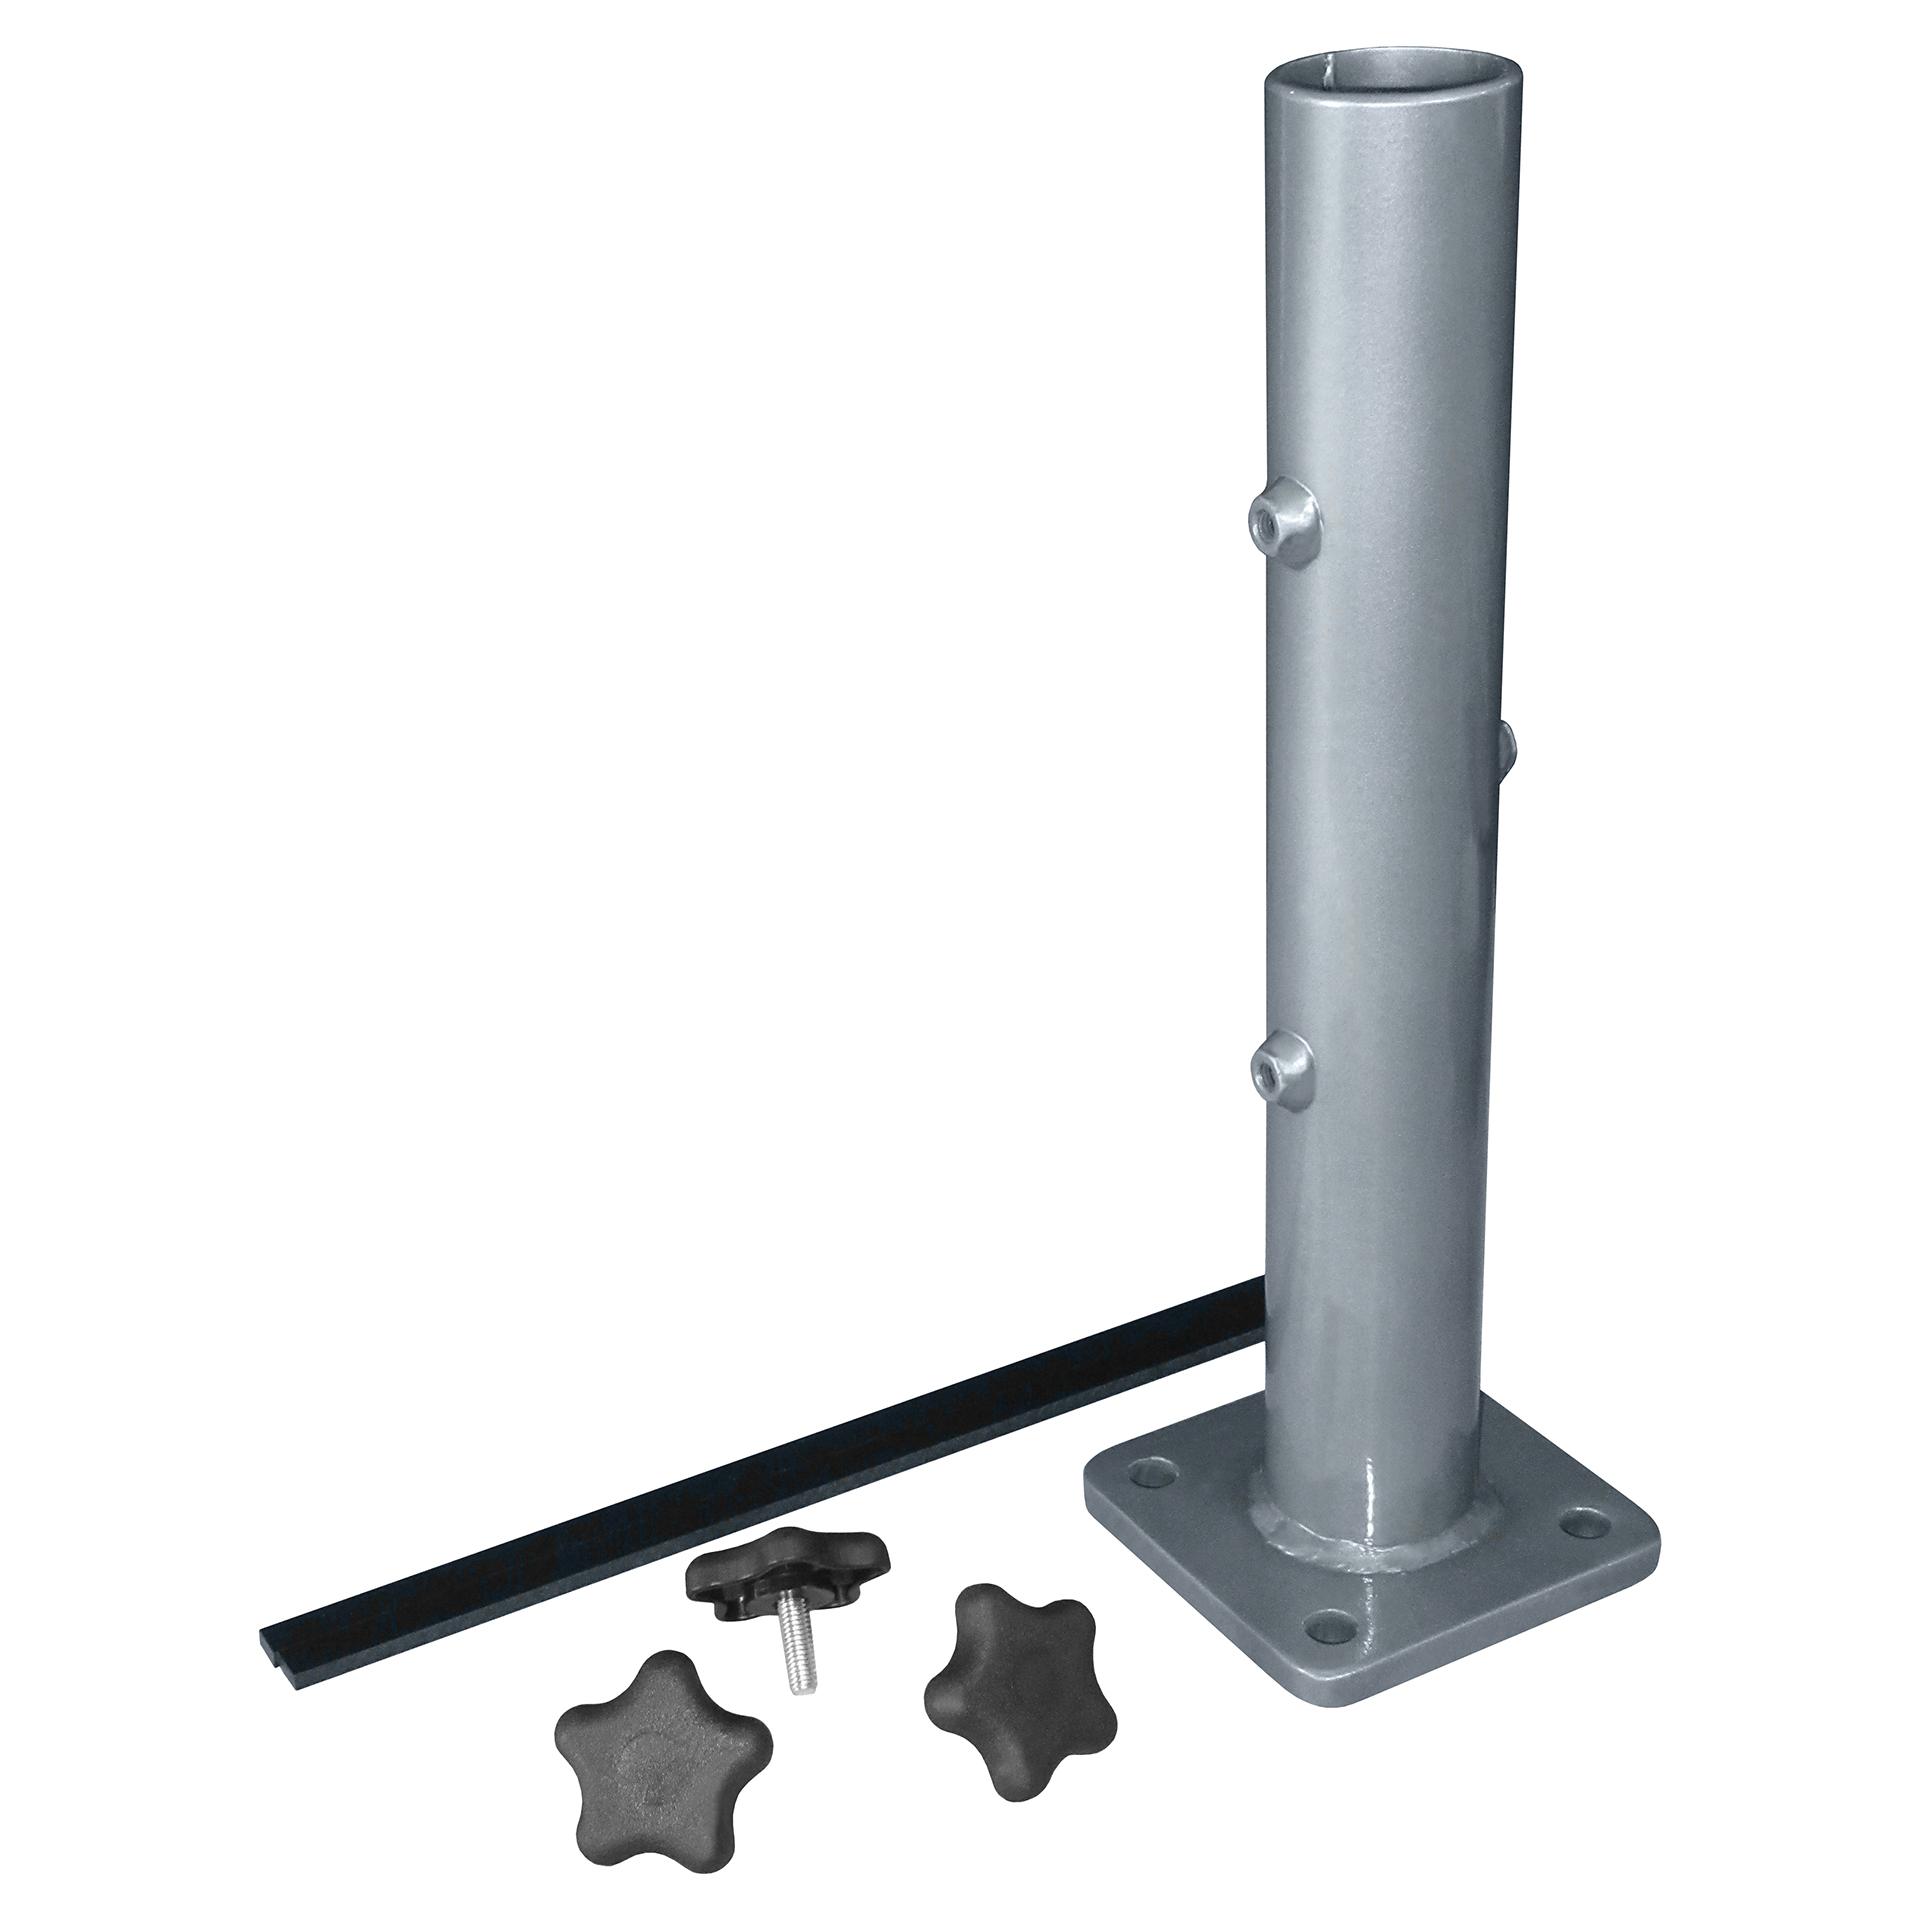 Small Deck / Concrete Umbrella Anchor Mount B5